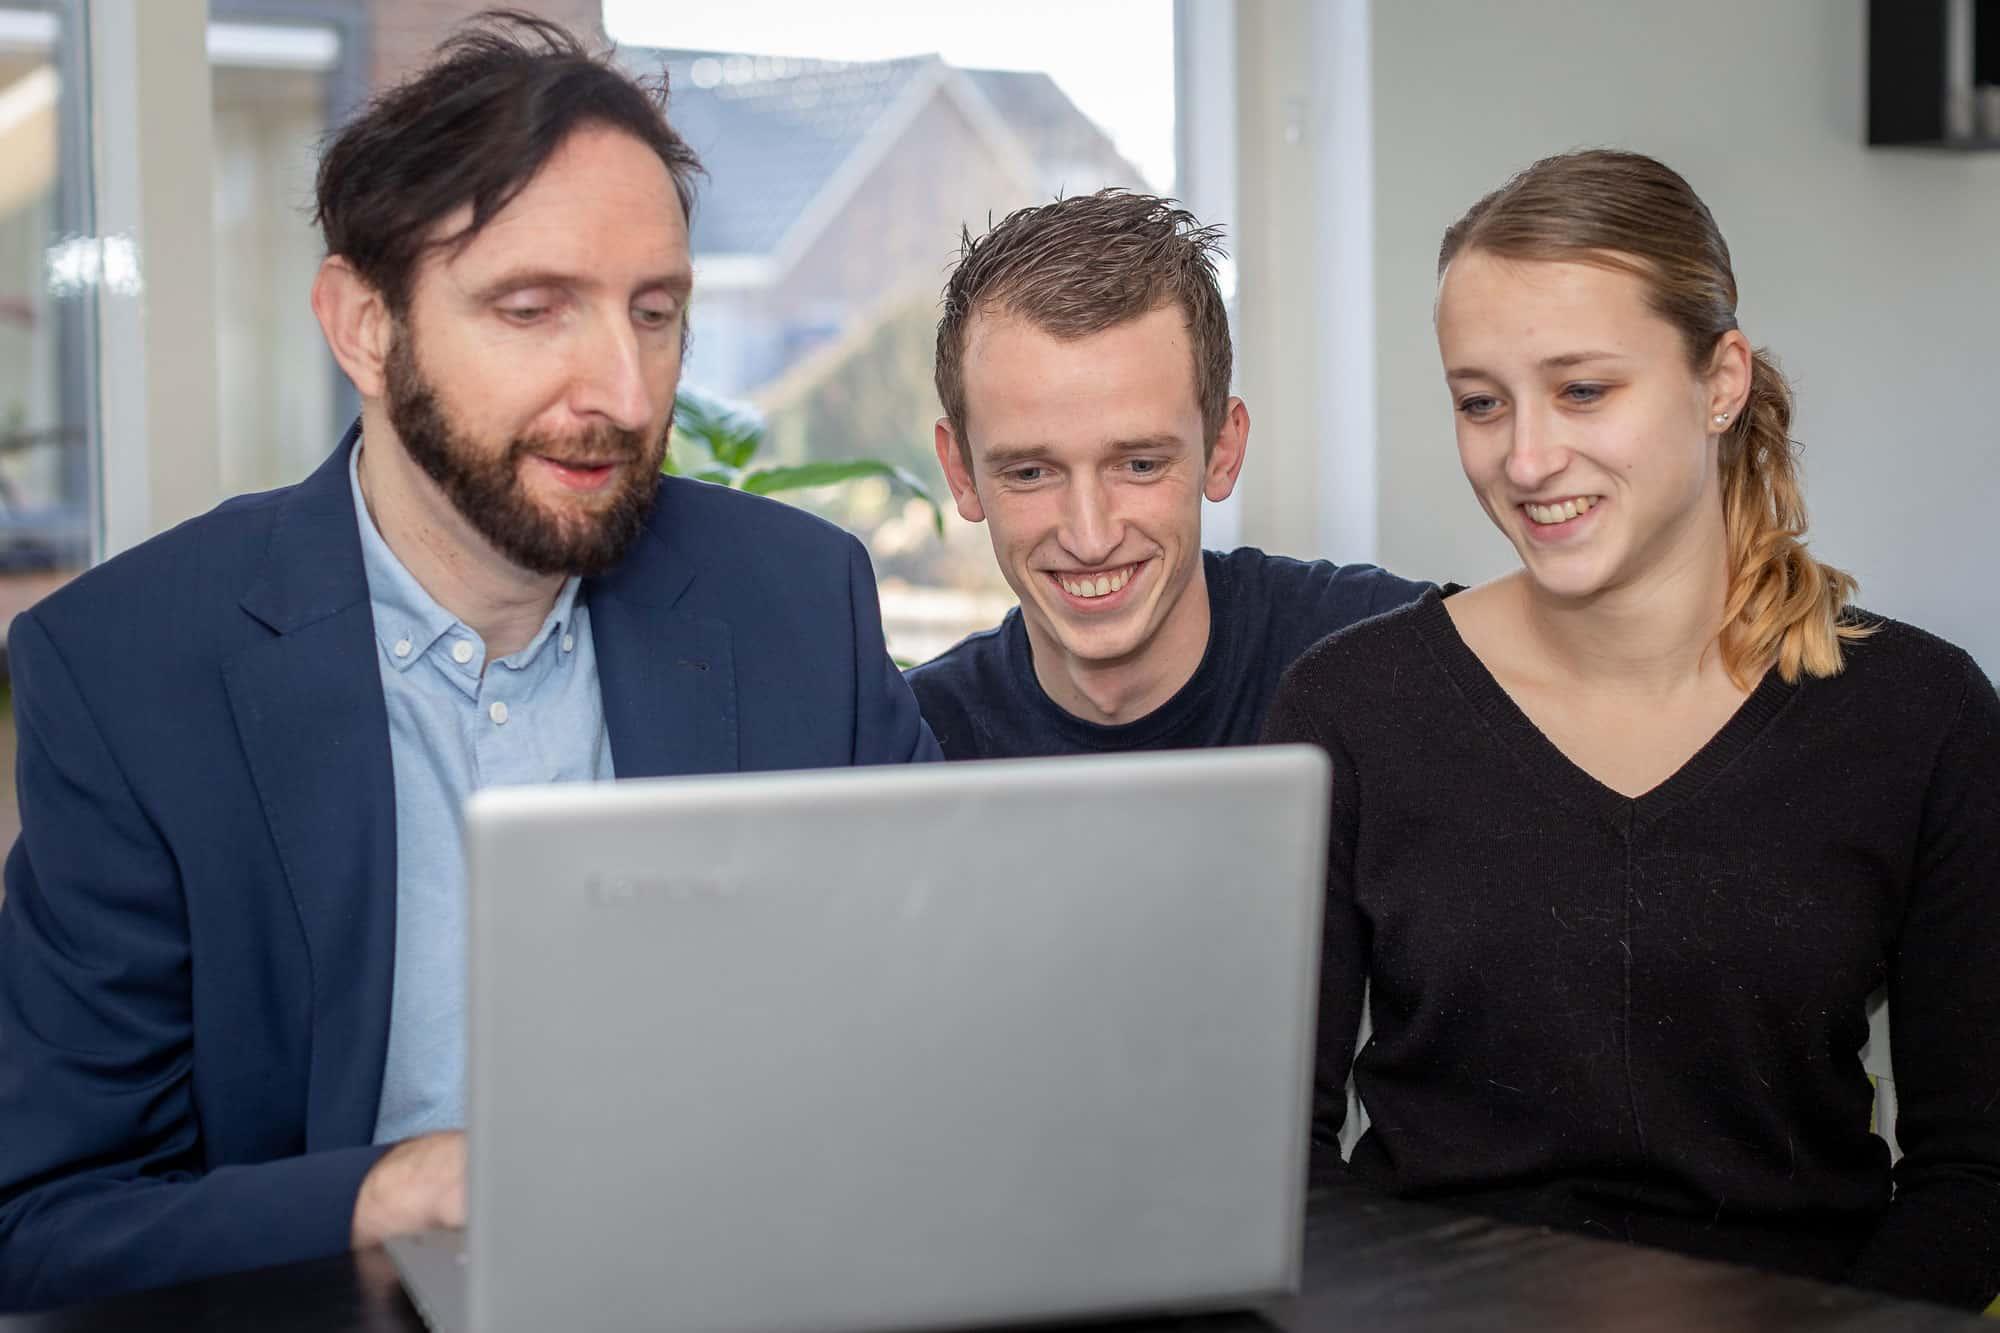 Hypotheek advies gesprek voor starters